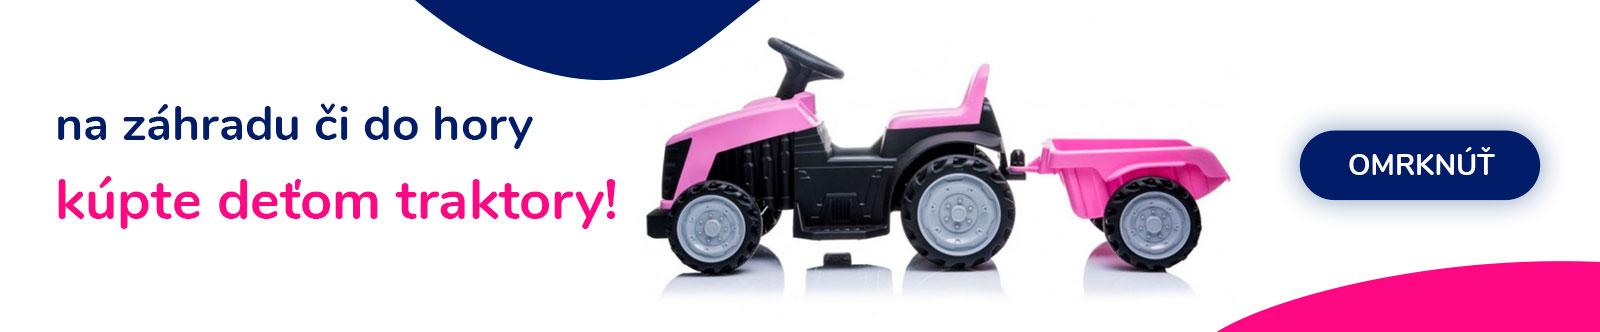 Traktory pre deti